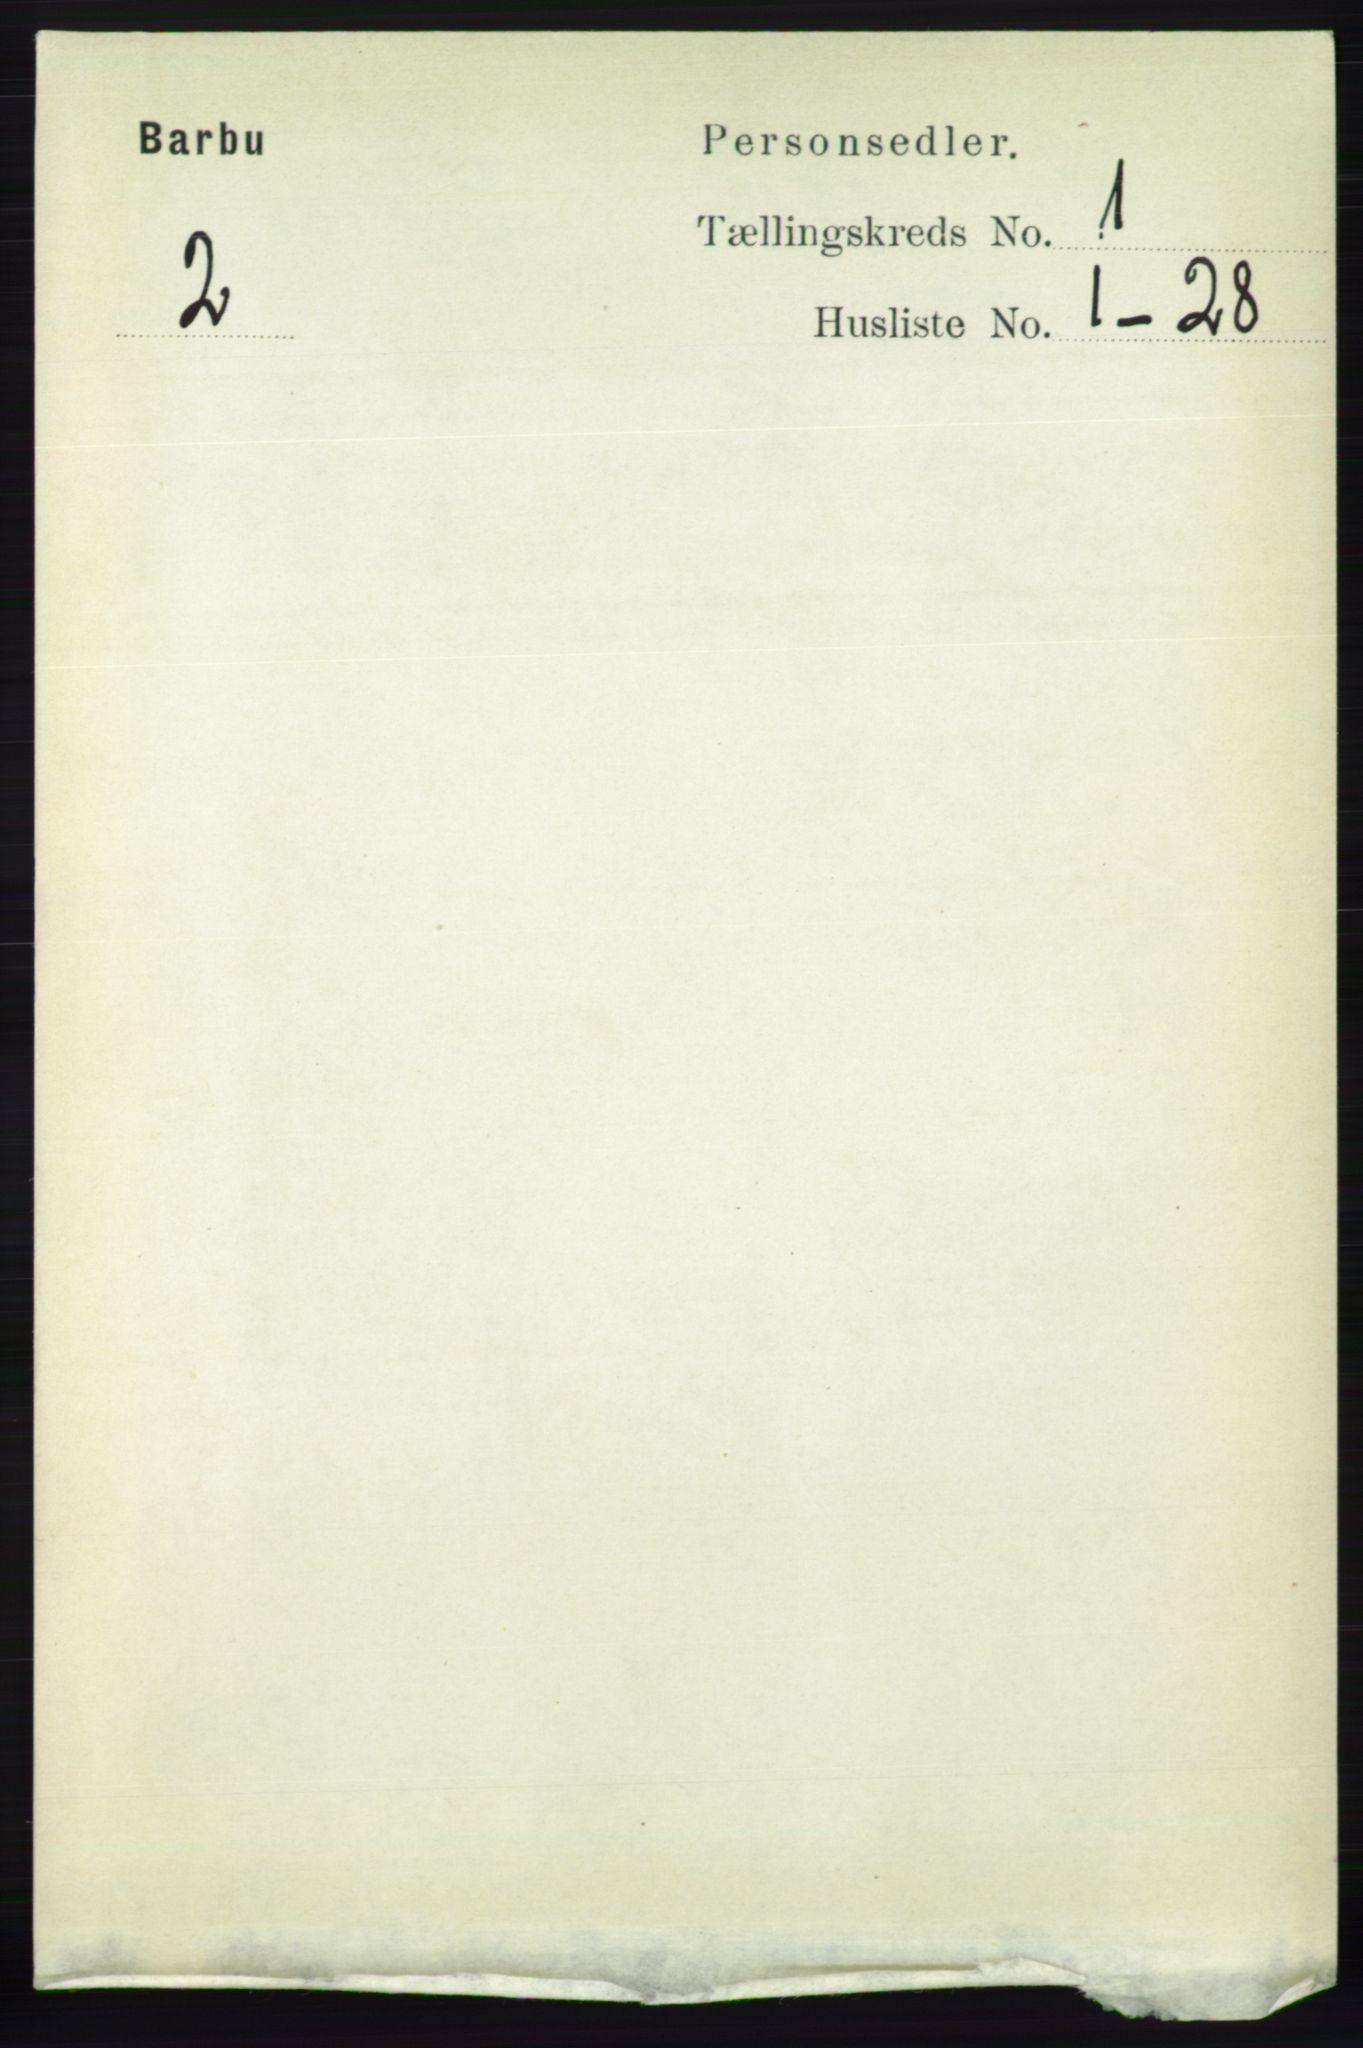 RA, Folketelling 1891 for 0990 Barbu herred, 1891, s. 129